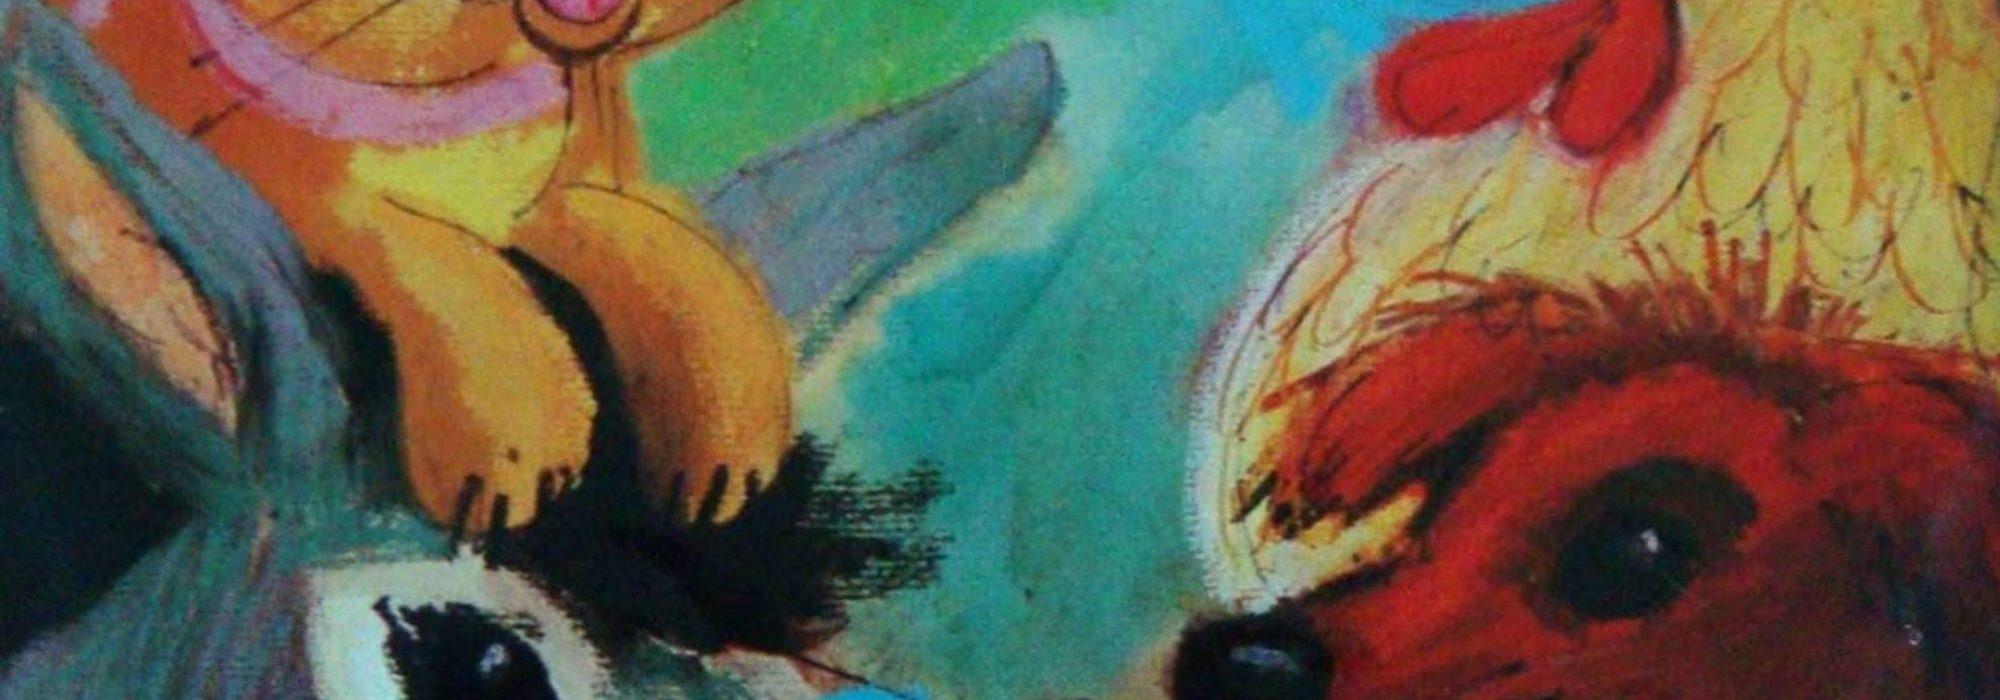 Imagem: detalhe da capa do disco Os Saltimbancos, de Chico Buarque